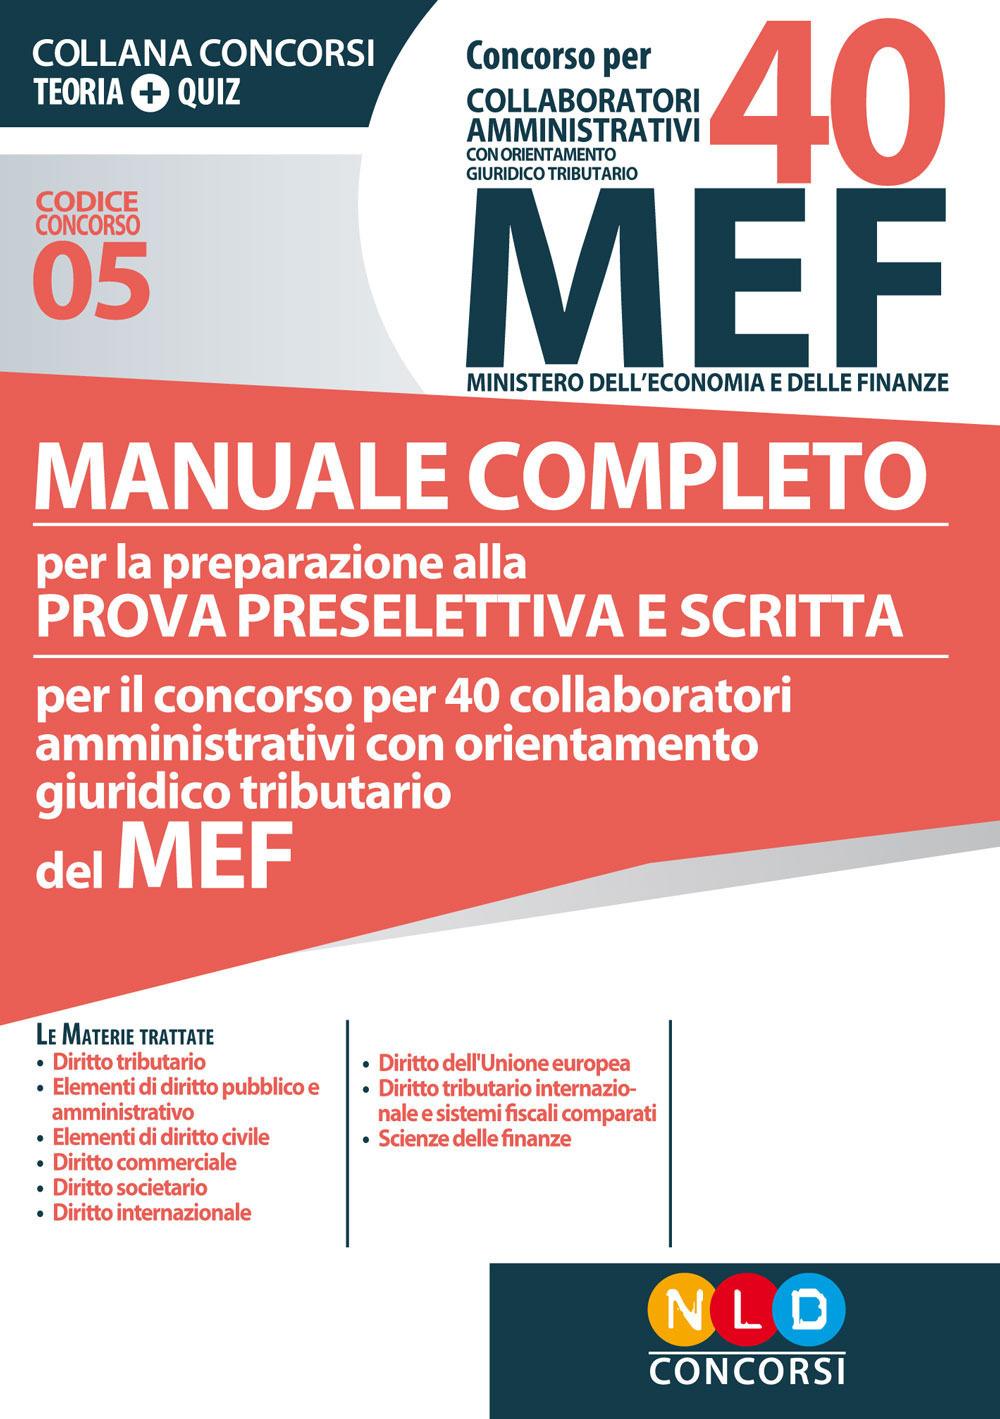 Concorso per 40 collaboratori amministrativi Mef